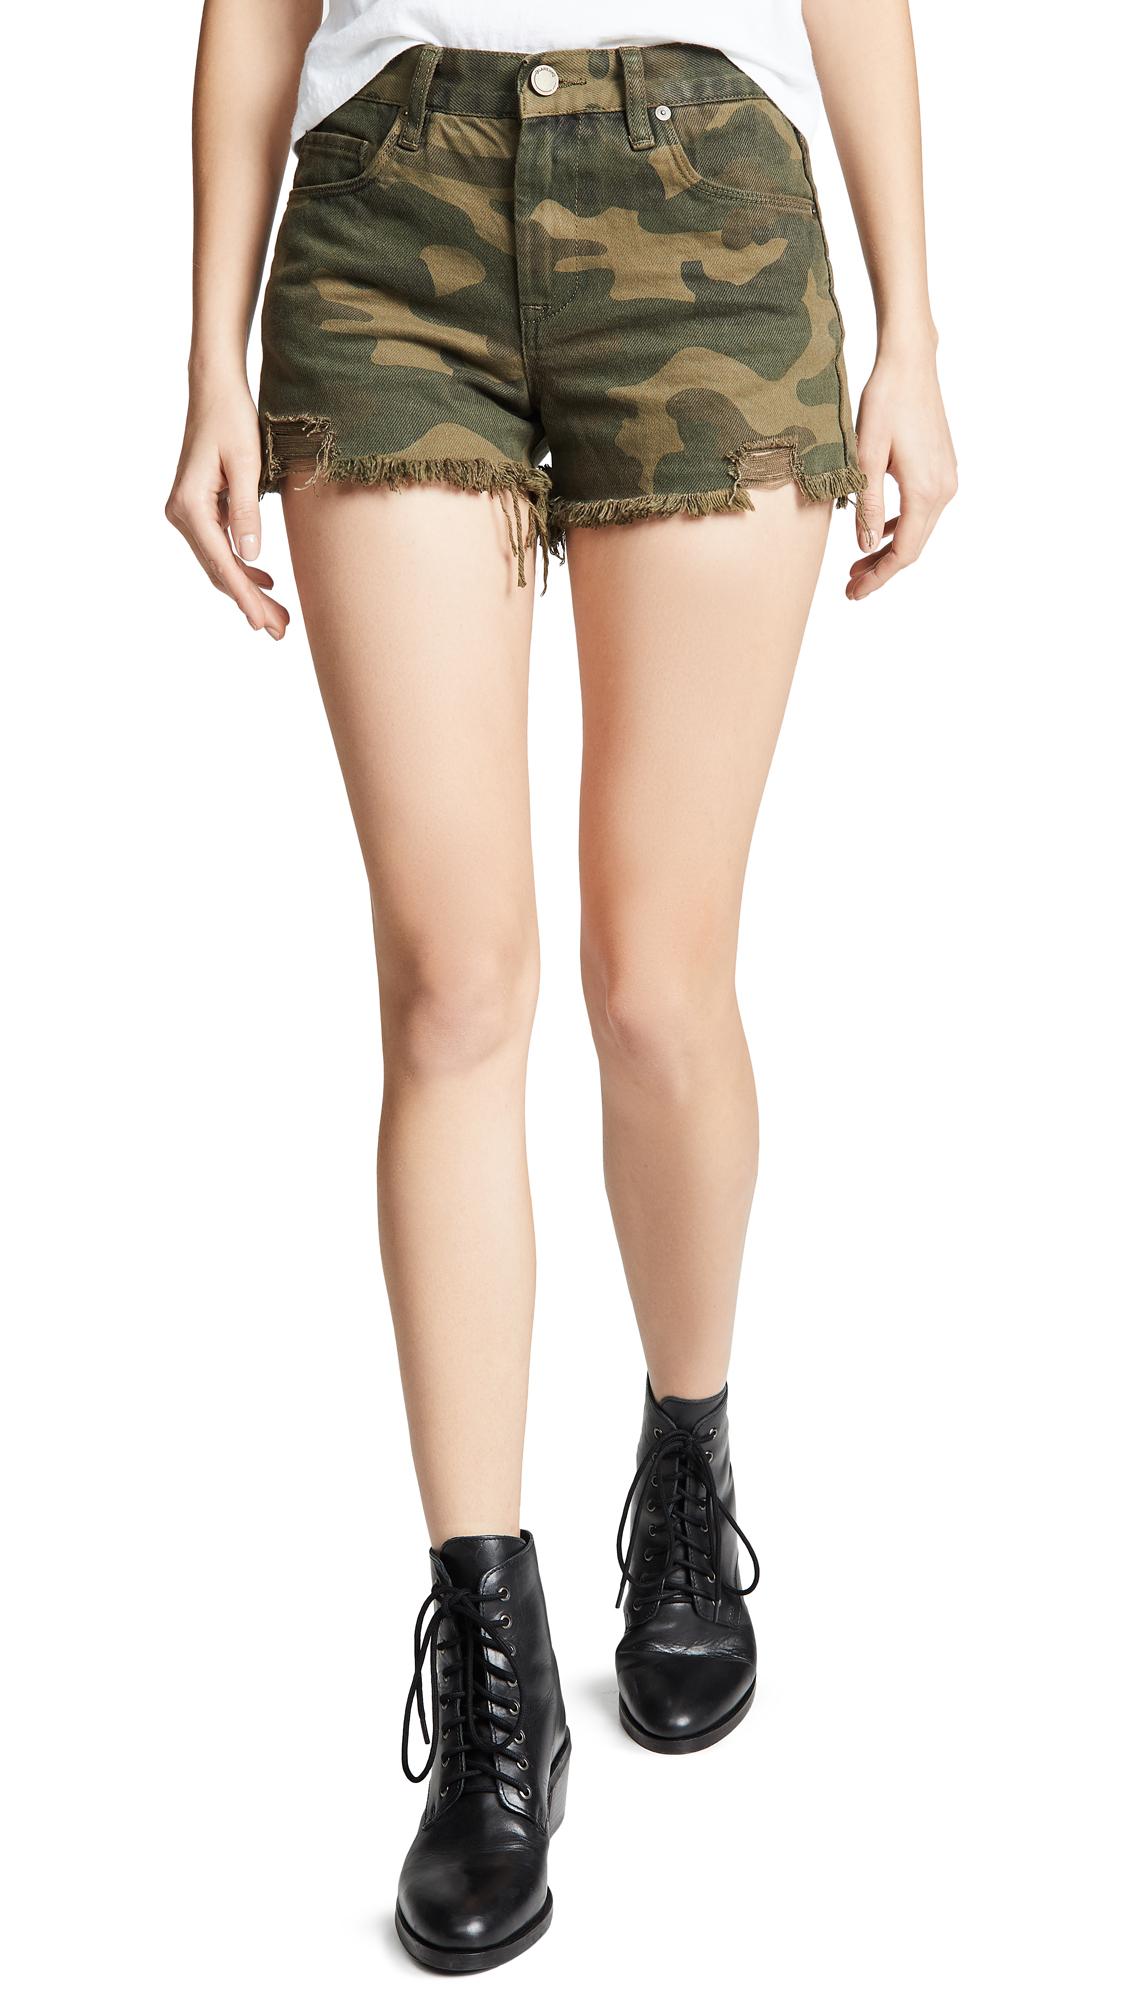 Blank Denim Cutoff Shorts In Army Of One